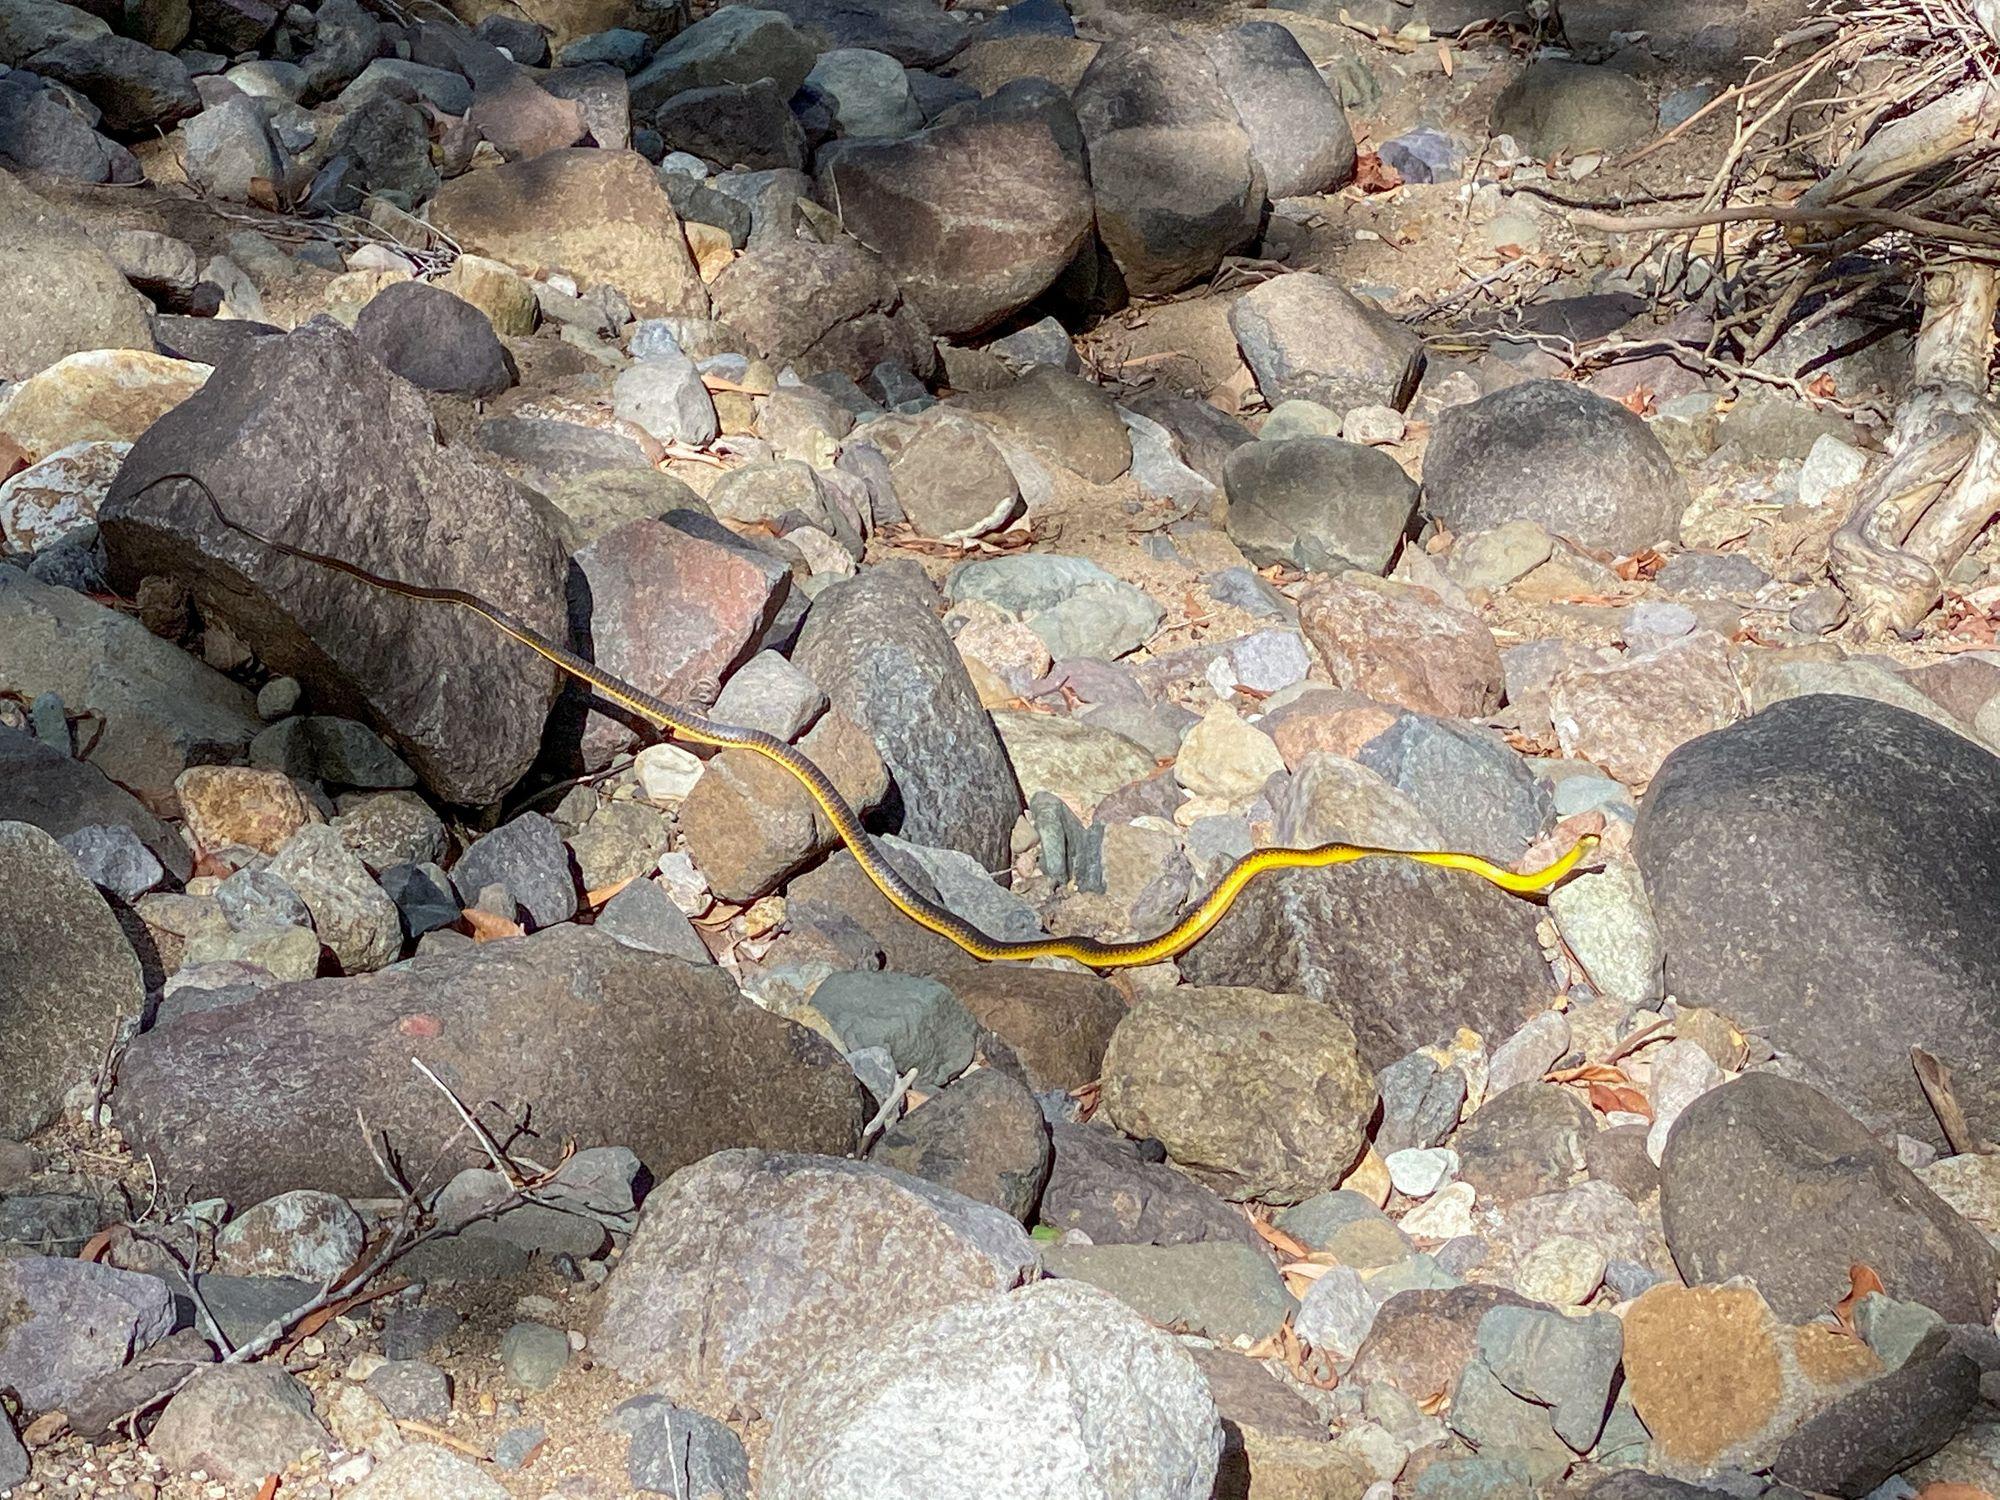 snake in creek